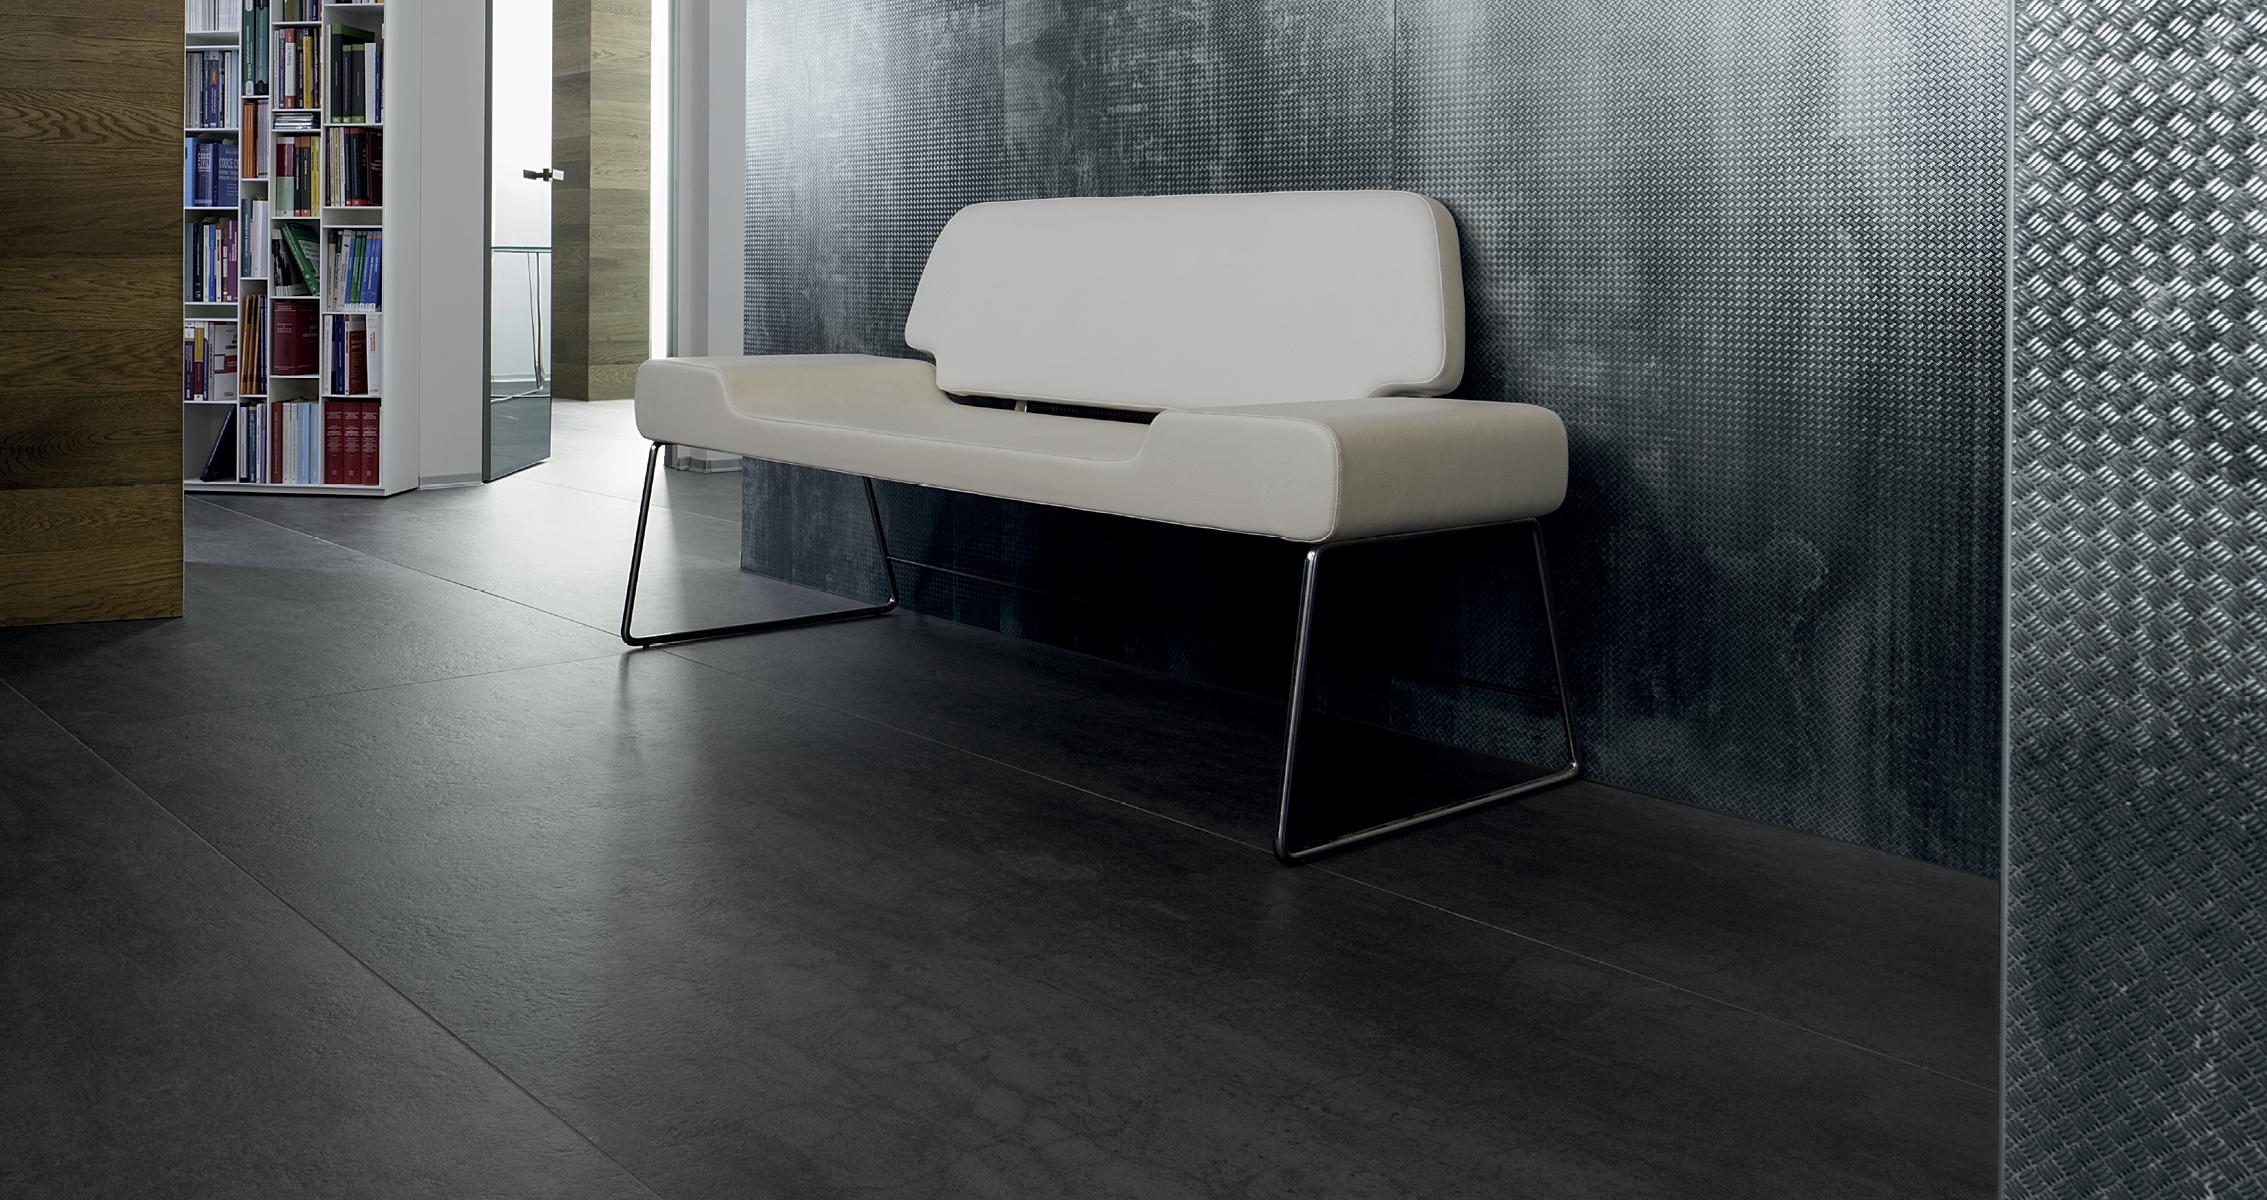 Flooring / Splashbacks / Cladding - Laminam 5 / 1000x3000x5.6mm